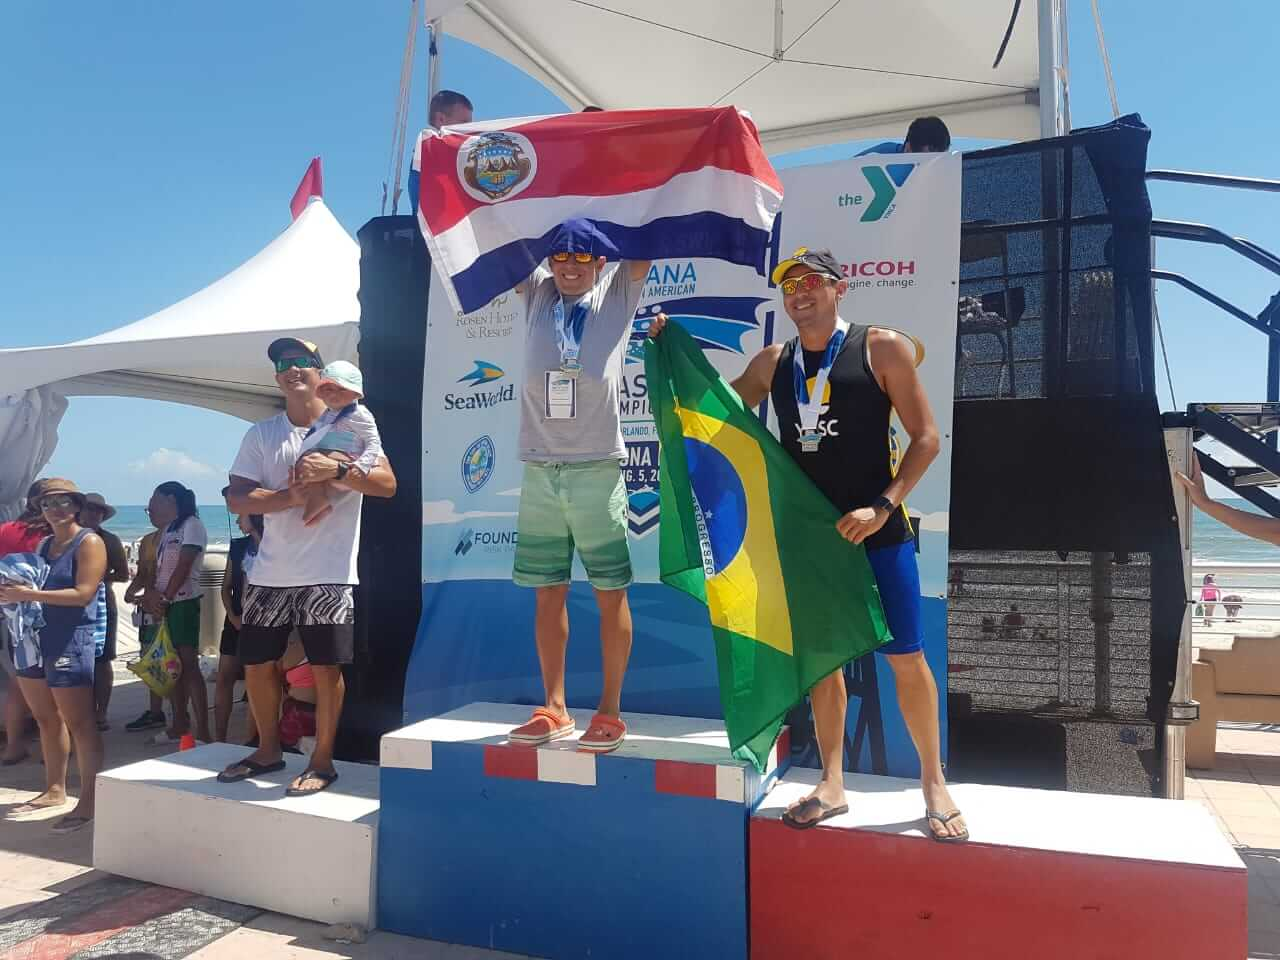 Bob Garcia podium